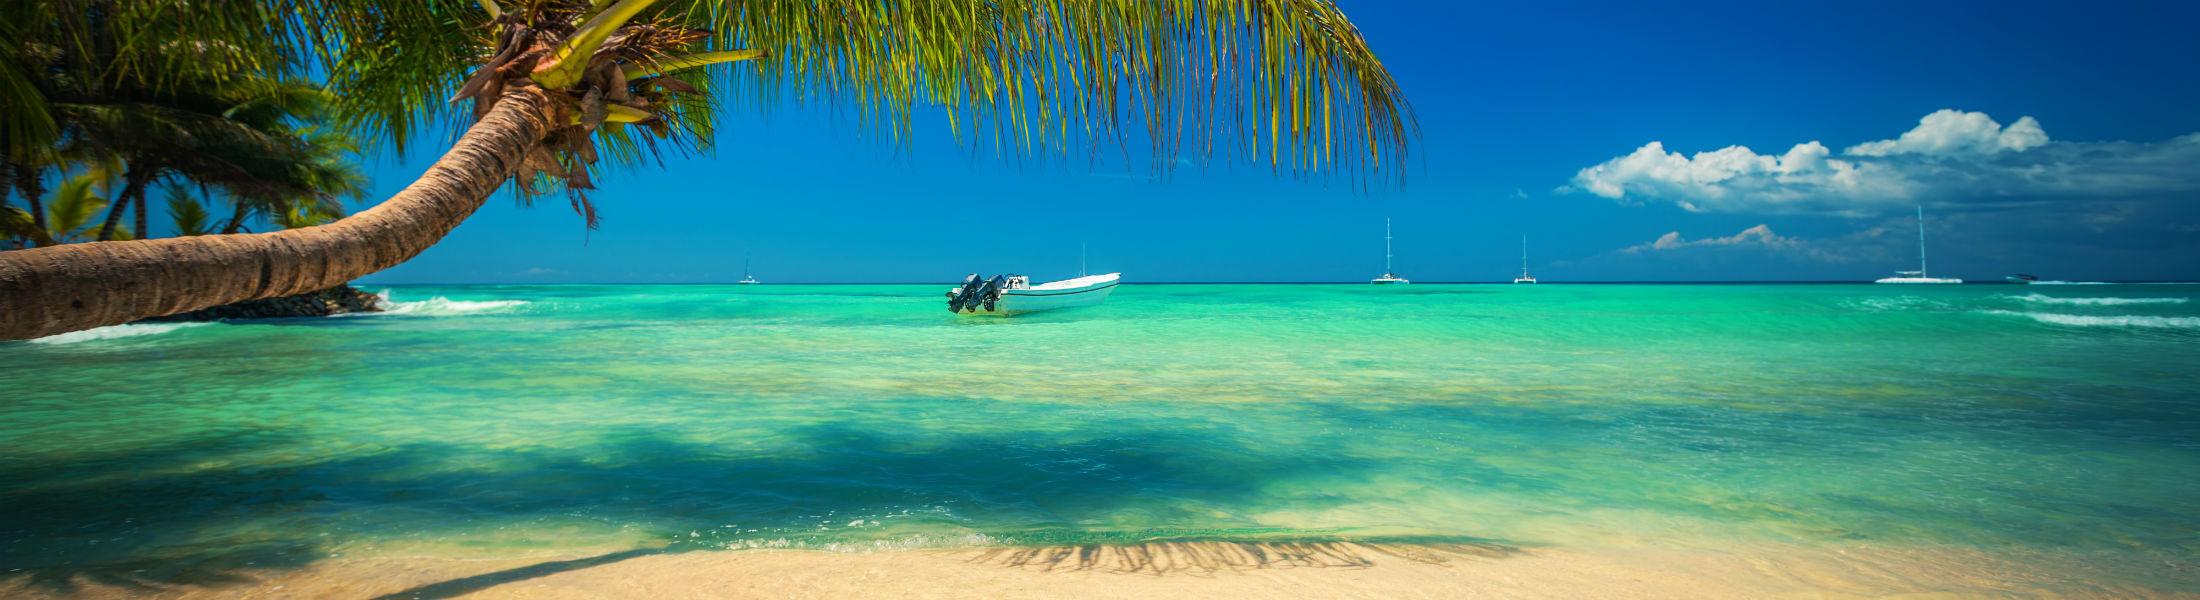 Beach in Dominican Republic Punta Cana